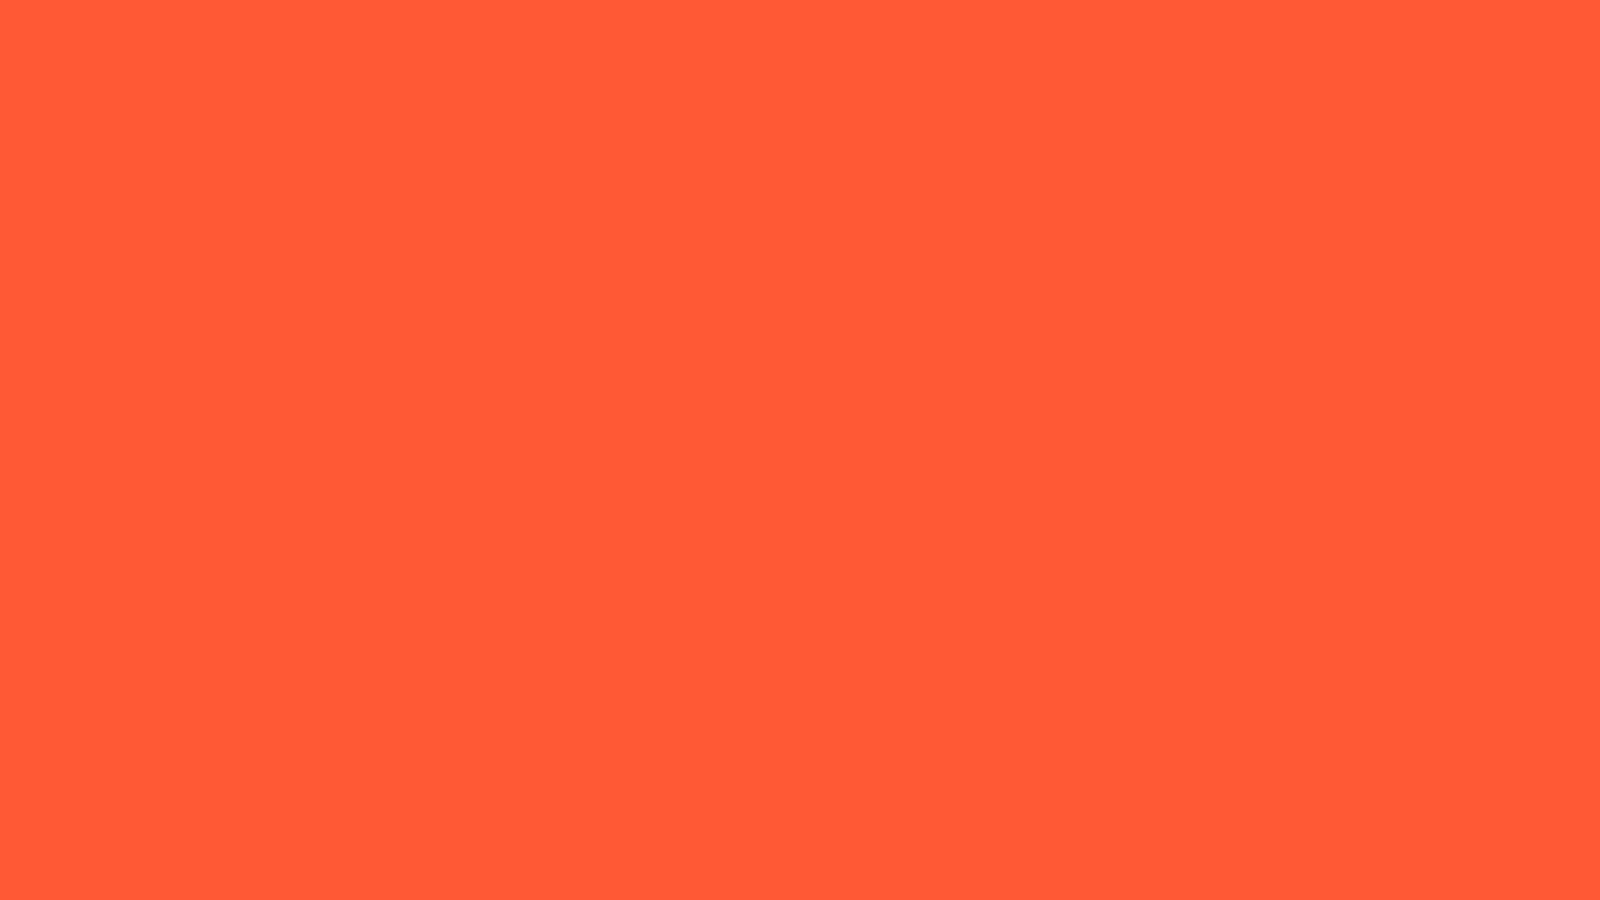 1600x900 Portland Orange Solid Color Background